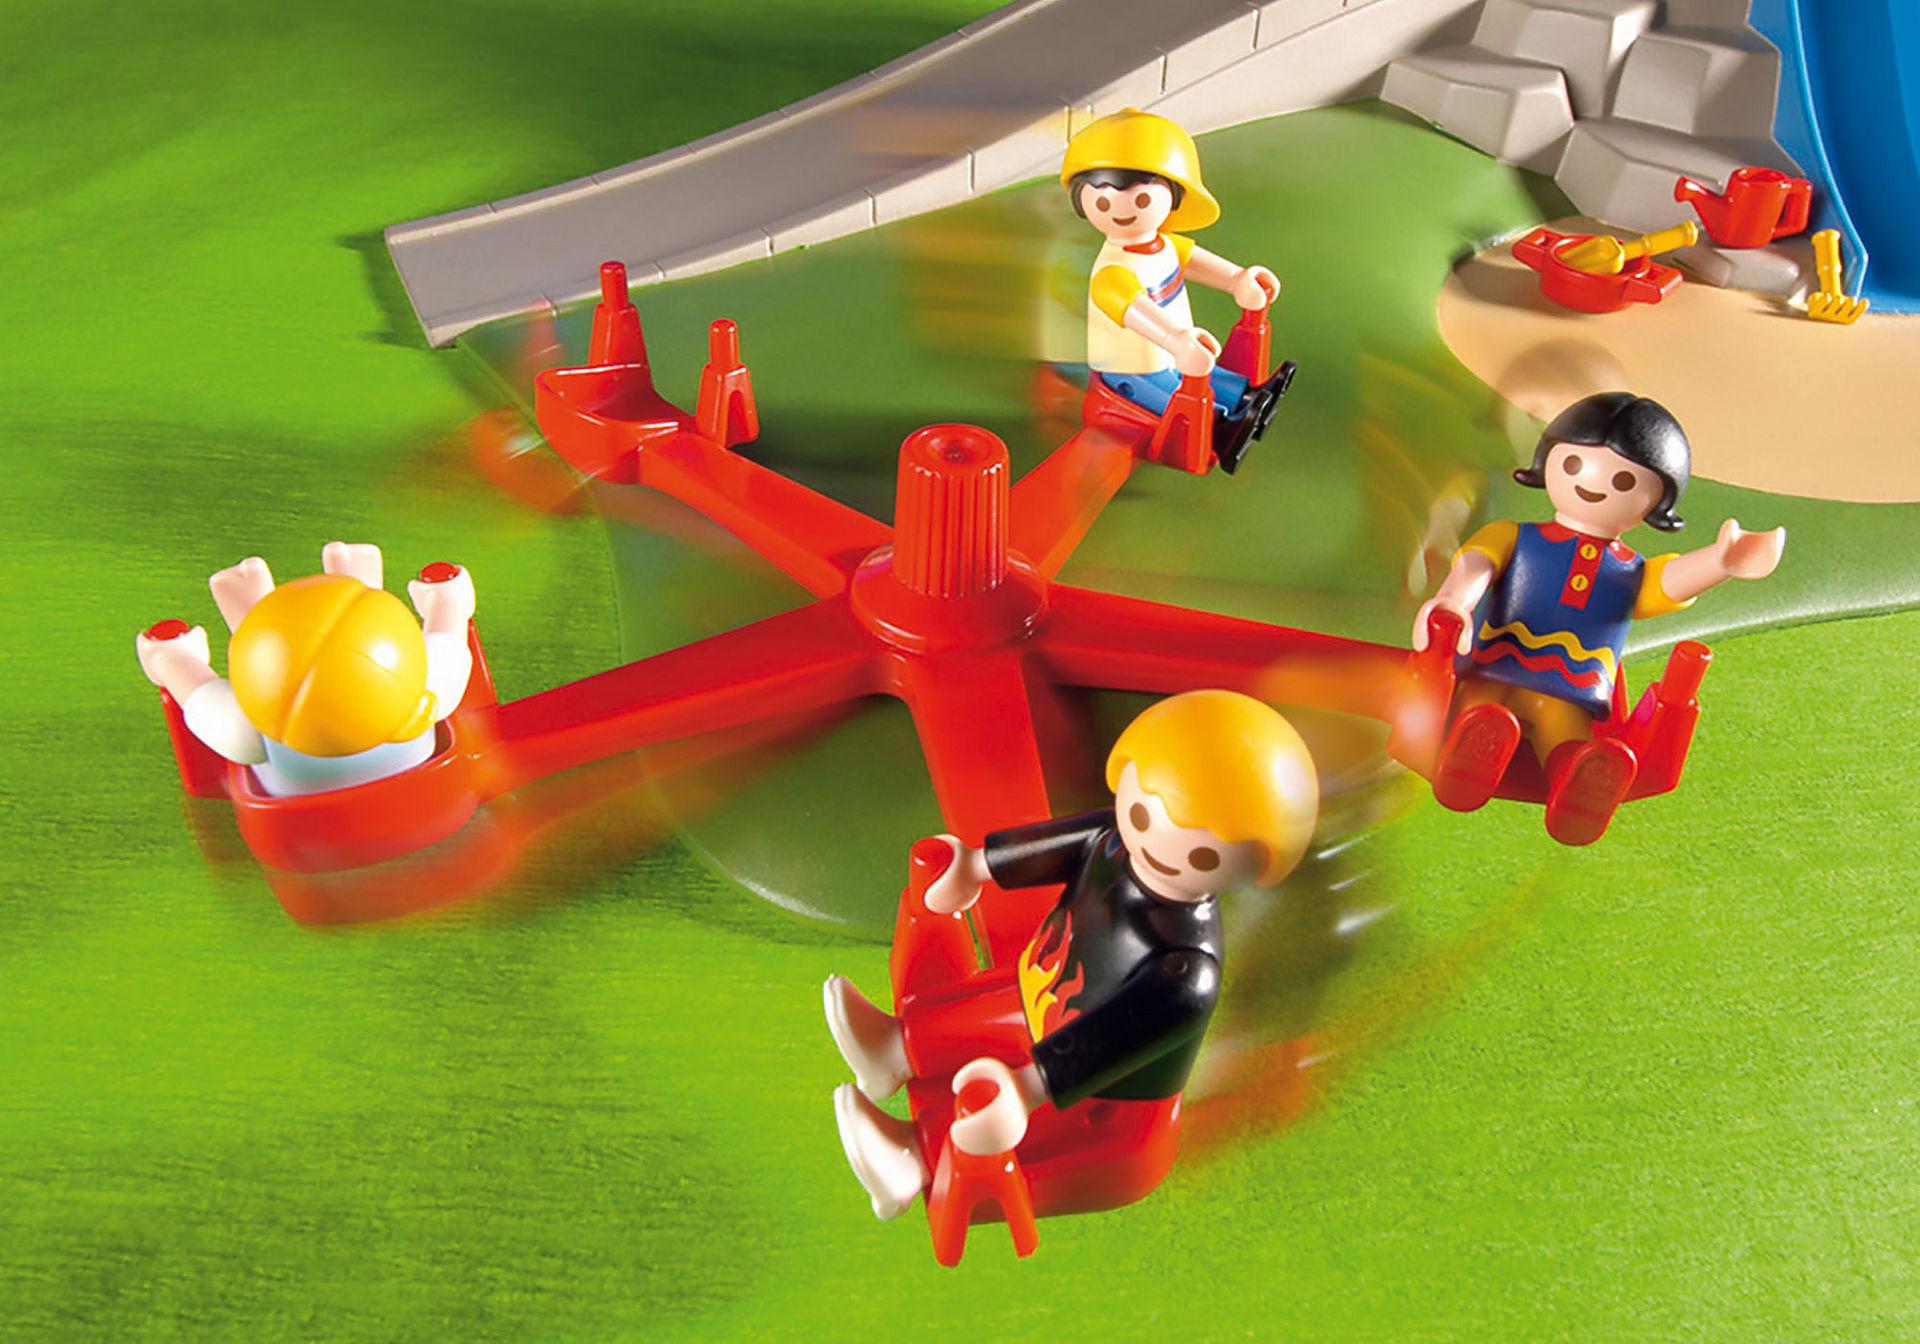 http://media.playmobil.com/i/playmobil/4132_product_extra2/Playground Super Set